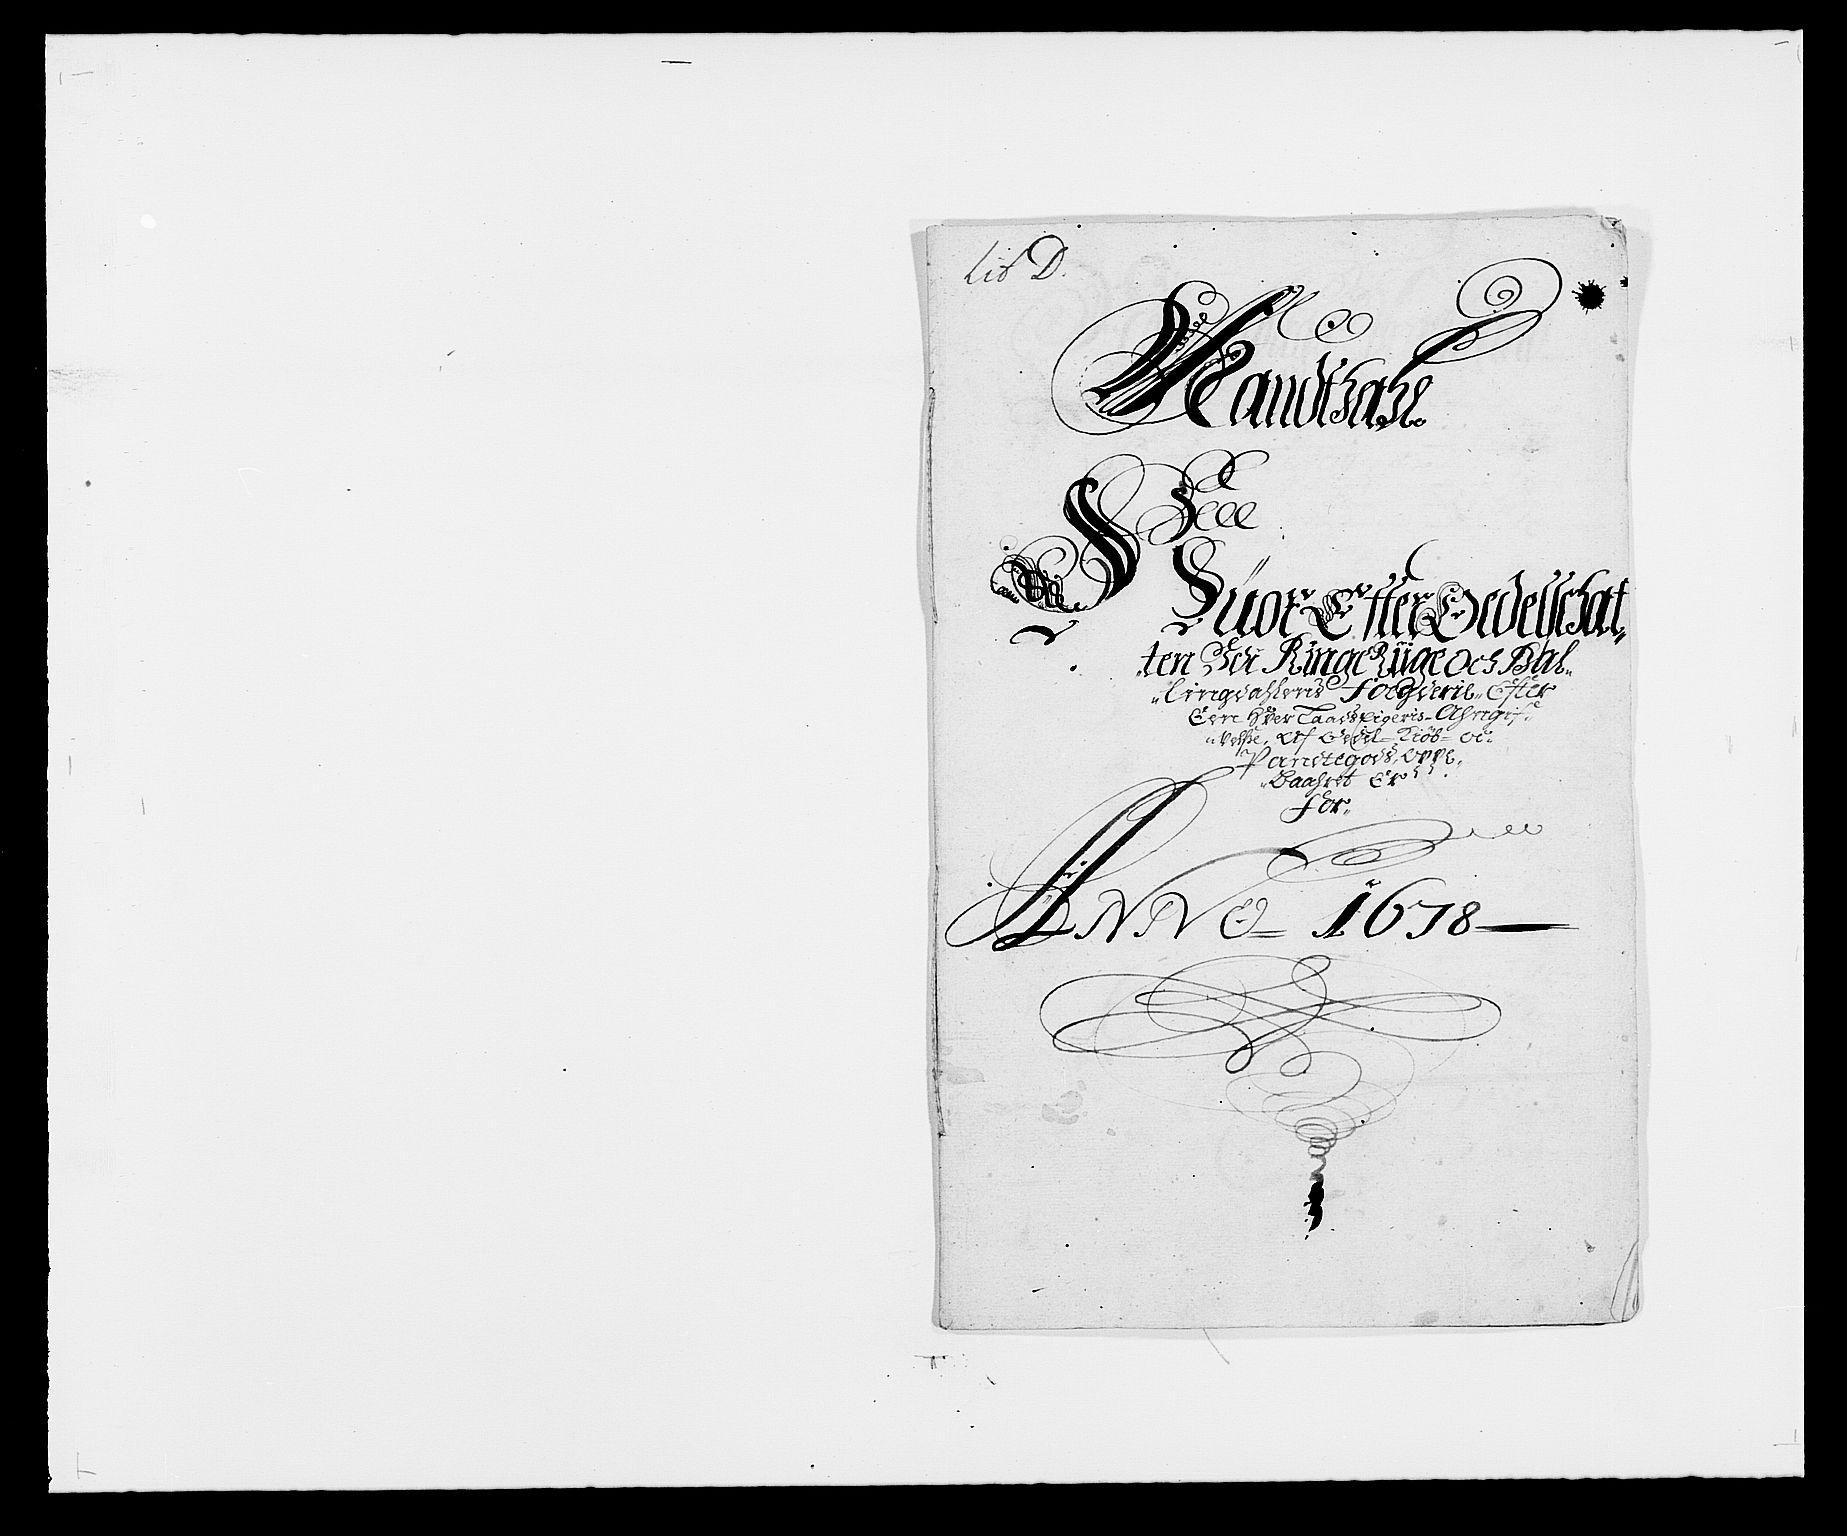 RA, Rentekammeret inntil 1814, Reviderte regnskaper, Fogderegnskap, R21/L1443: Fogderegnskap Ringerike og Hallingdal, 1678-1680, s. 99